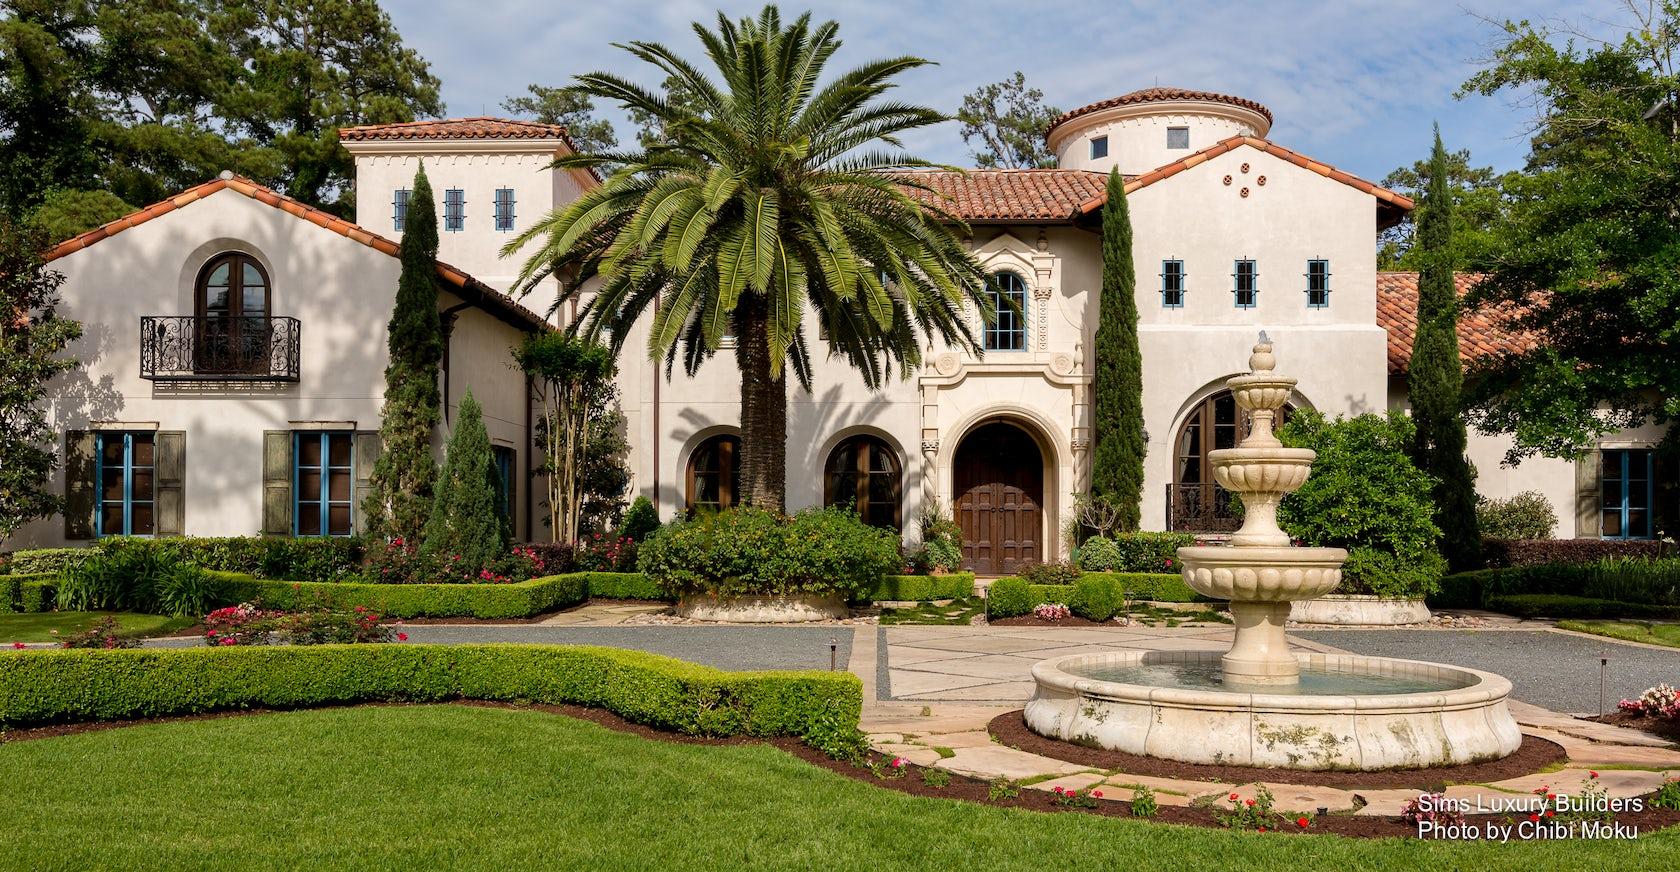 Sims Luxury Builders Villa De Encanto Architizer